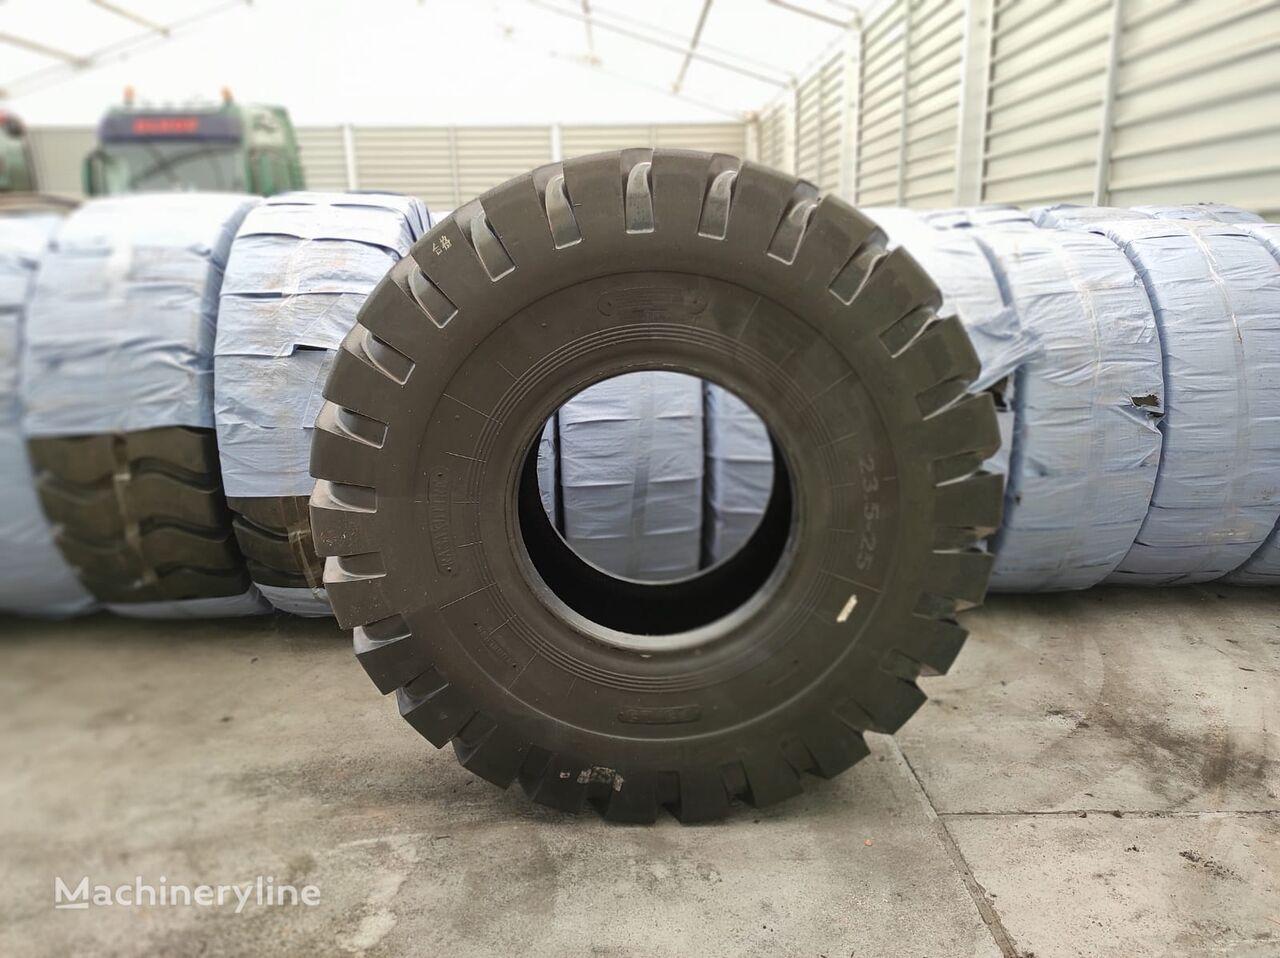 جديد إطار العجلة لآلة البناء Rasakutire 23,5R25 24 PR TL L3/E3